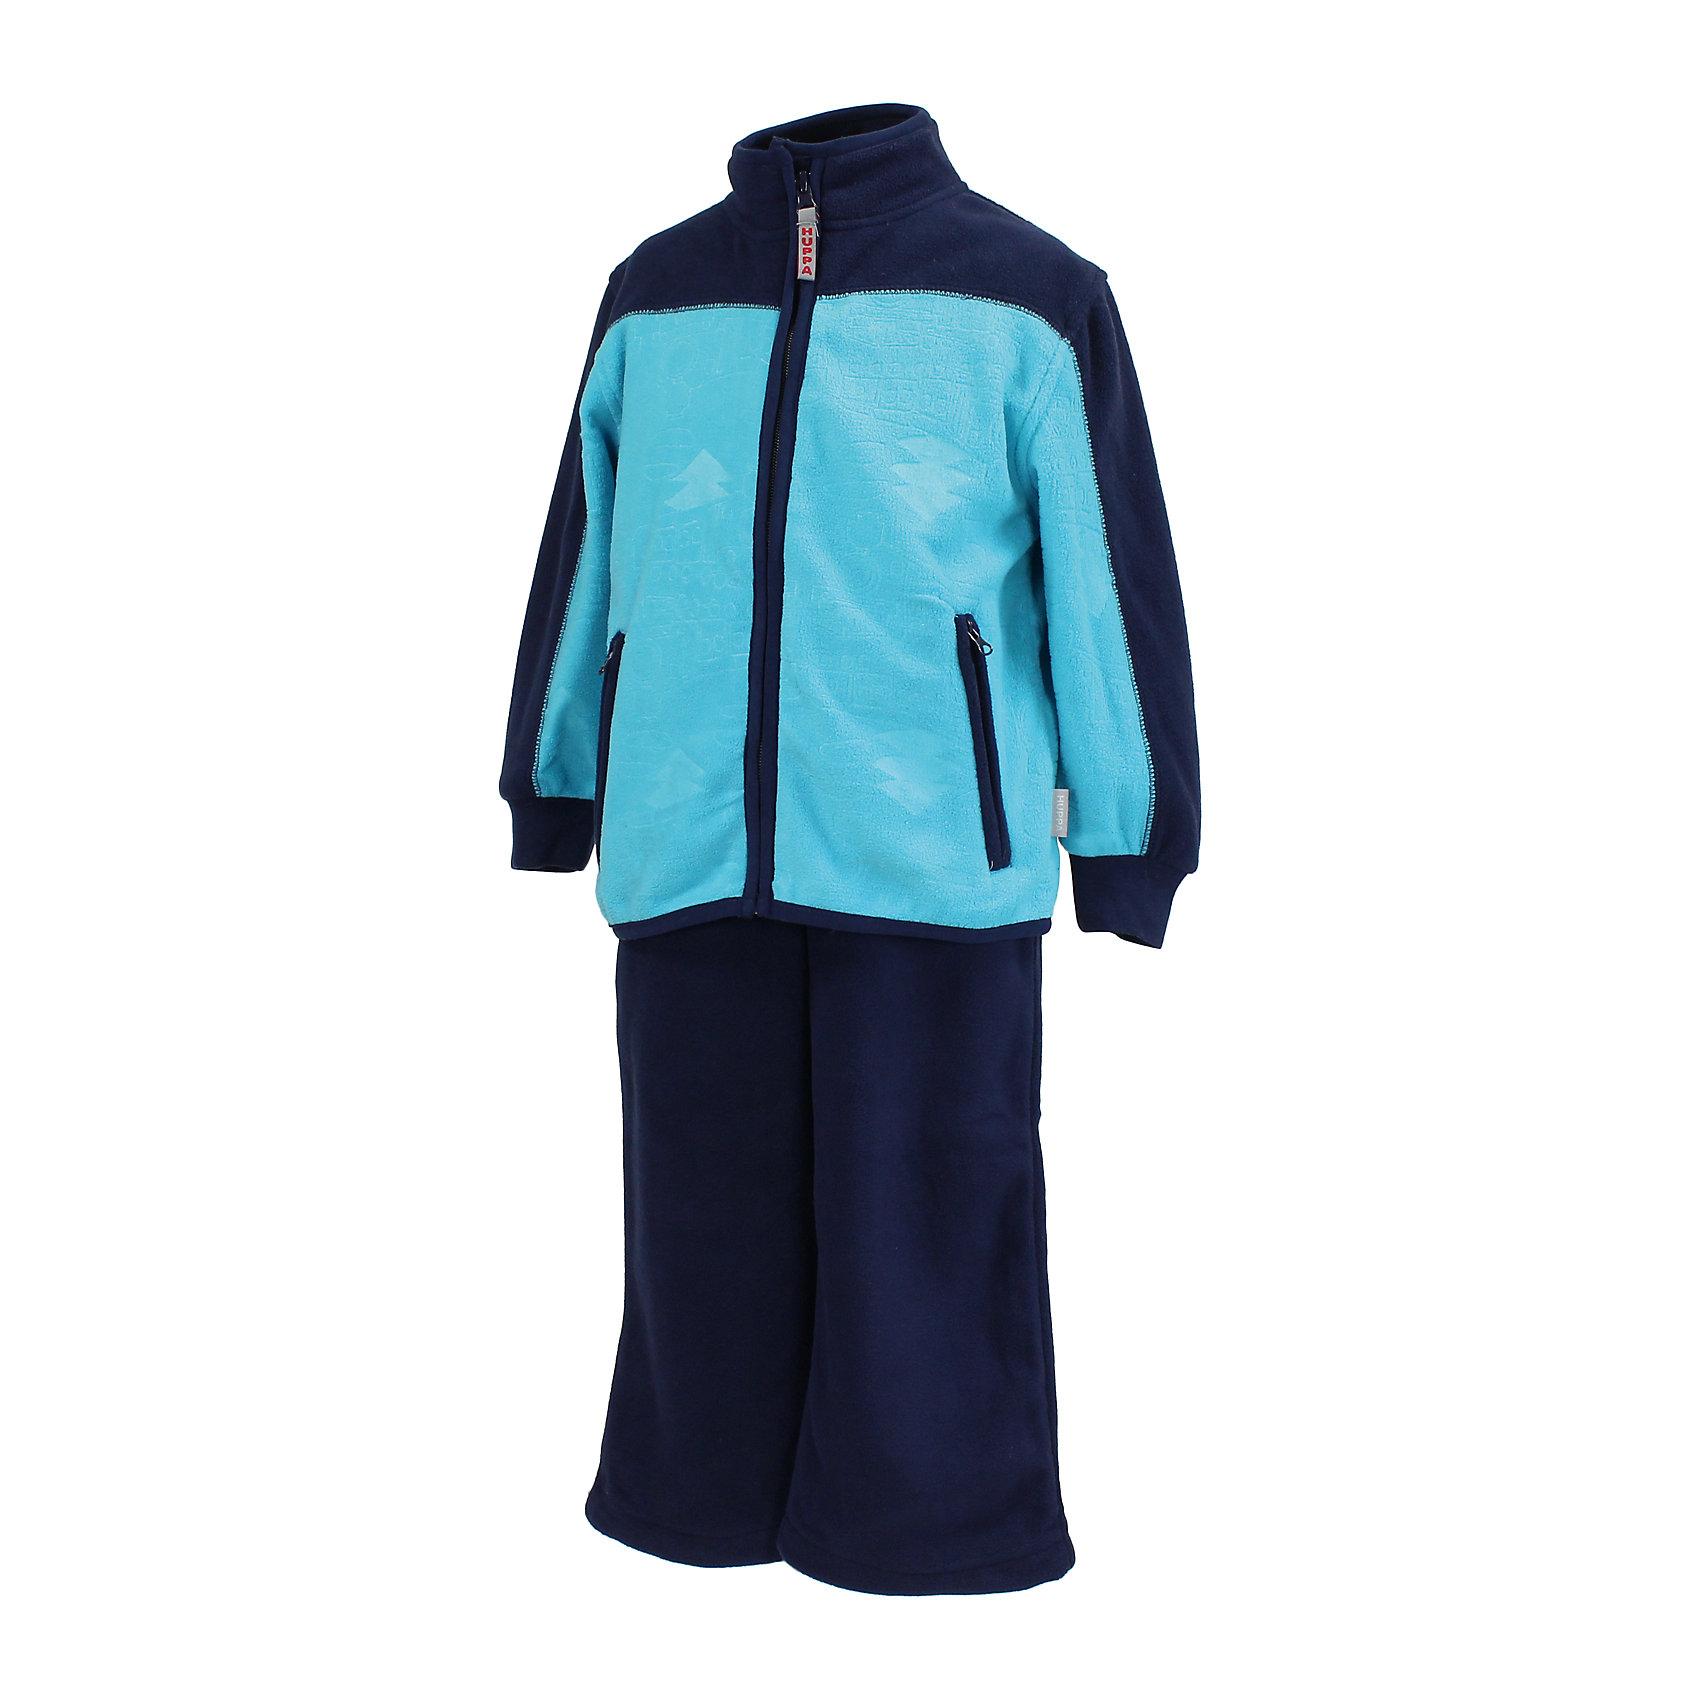 Комплект для мальчика: куртка и брюки HuppaМягкий флисовый комплект для детей, в котором будет приятно играть в прохладную погоду. Комплект идеально подходит и для надевания под верхнюю одежду. Для удобства ношения на куртке имеются карманы на молнии и рукава с резинкой, а на брюках регулируемый пояс и нижние концы штанин. <br><br>Дополнительная информация:<br><br>Ткань: флис - 100% полиэстер<br><br>Комплект для мальчика: Куртку и брюки Huppa (Хуппа) можно купить в нашем магазине.<br><br>Ширина мм: 356<br>Глубина мм: 10<br>Высота мм: 245<br>Вес г: 519<br>Цвет: синий<br>Возраст от месяцев: 84<br>Возраст до месяцев: 96<br>Пол: Мужской<br>Возраст: Детский<br>Размер: 128,98,104,110,116,134,122<br>SKU: 4242715